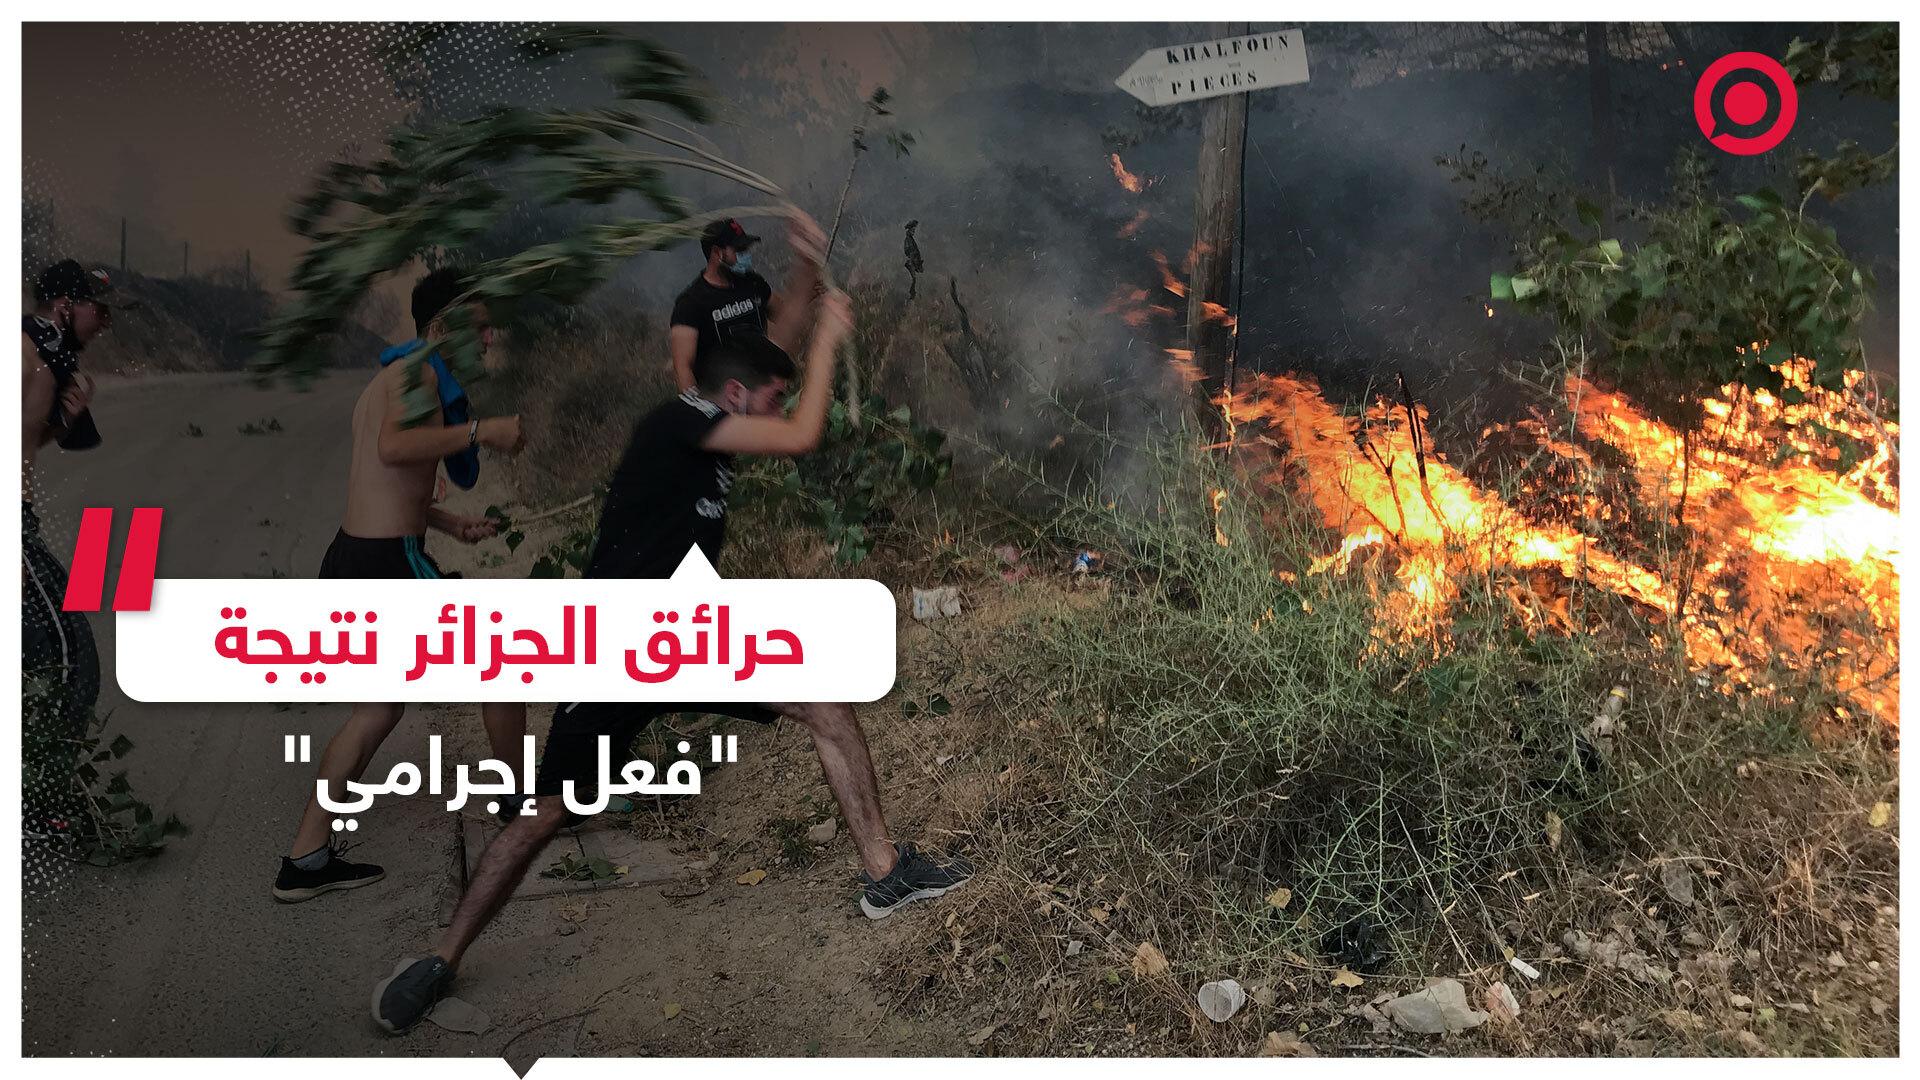 رئيس وزراء الجزائر: الحرائق نتيجة فعل إجرامي والدولة لن تتسامح